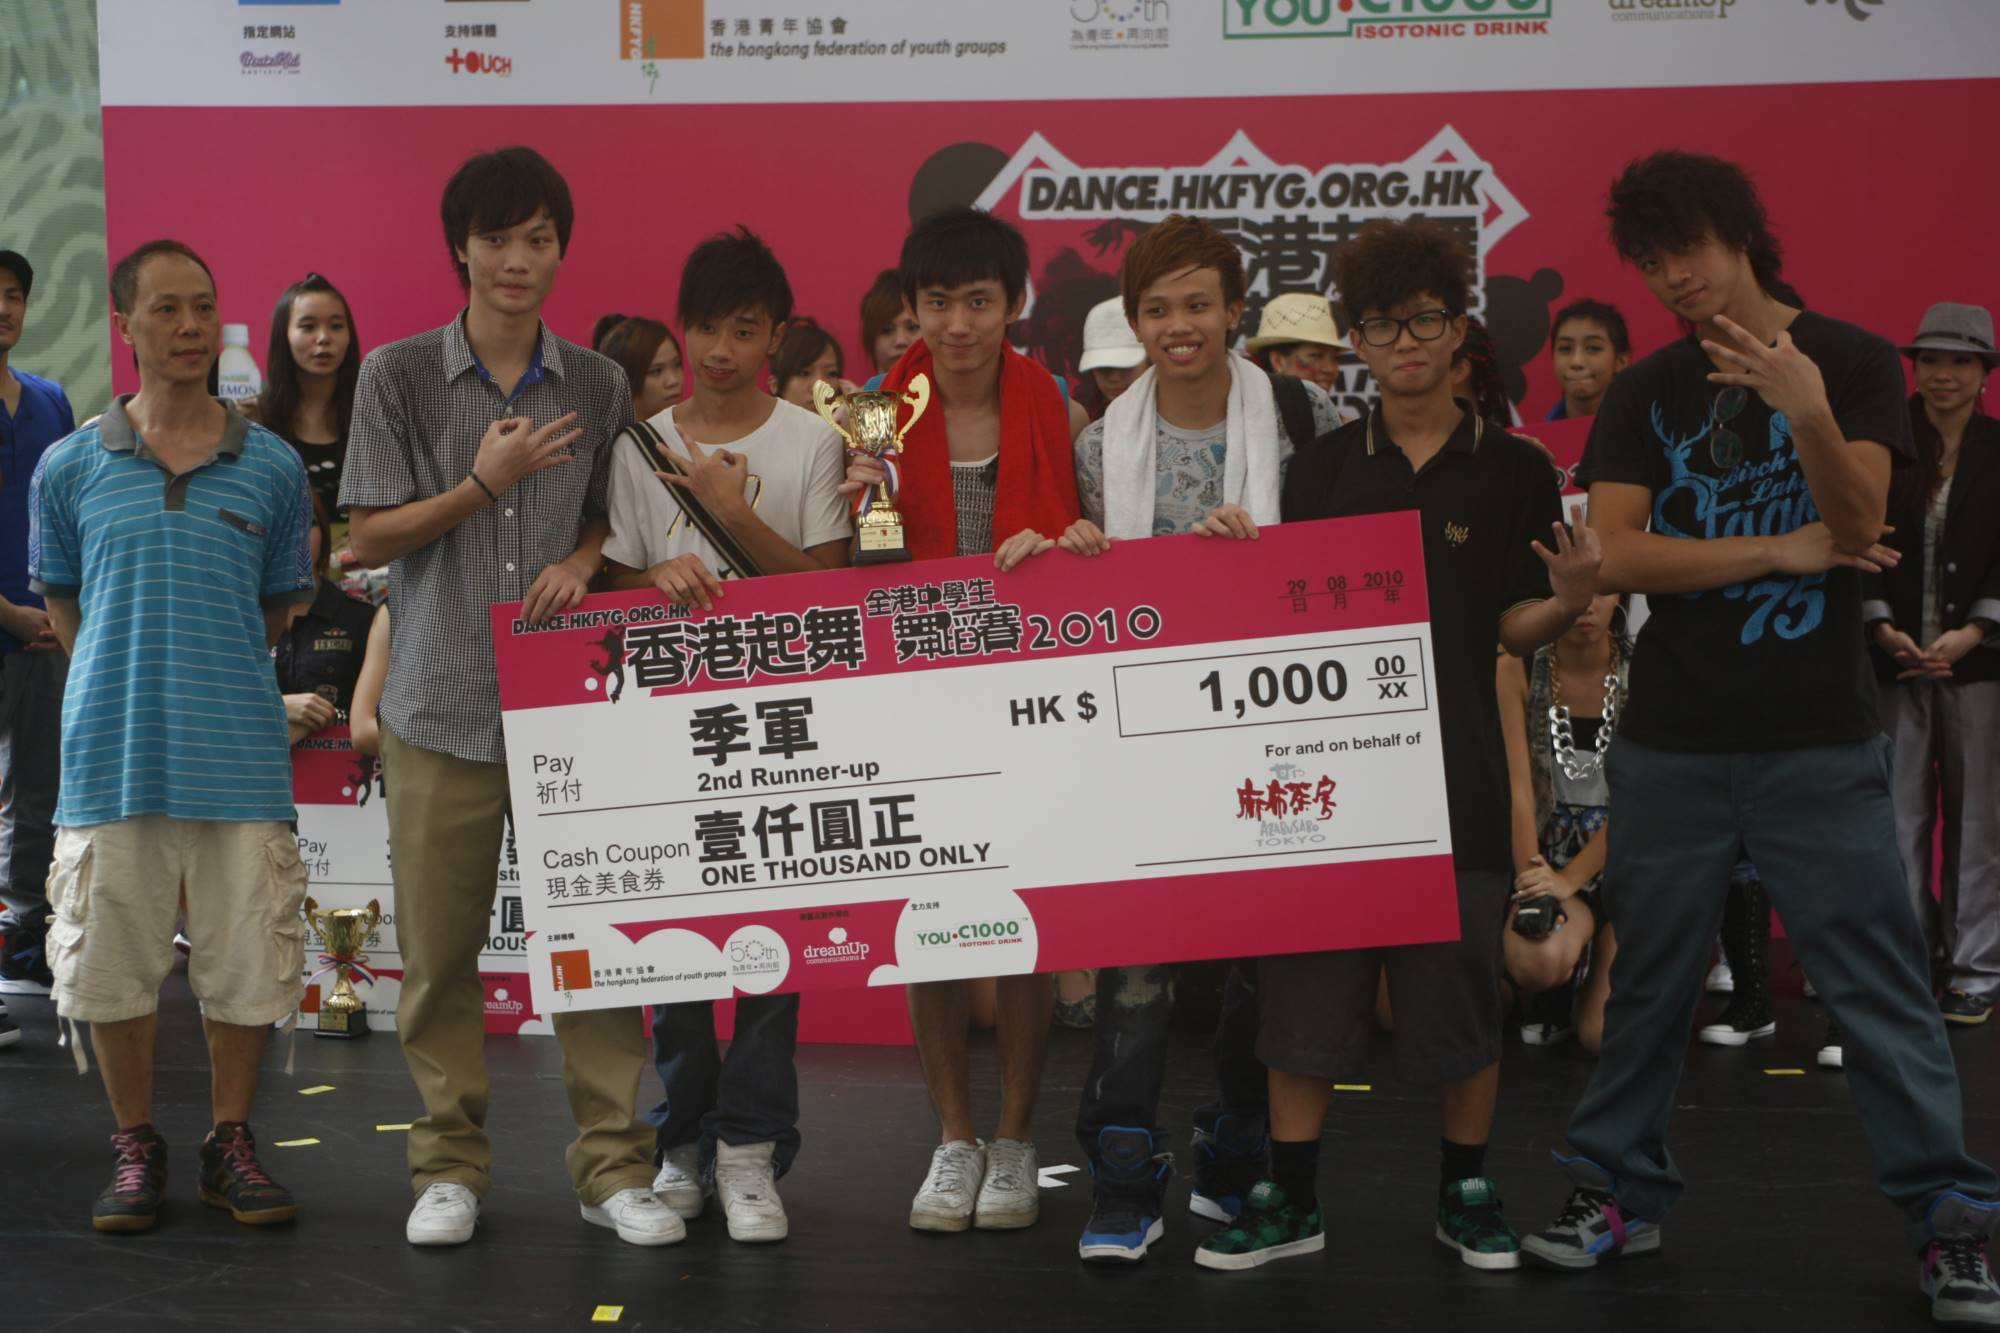 全港中學生舞蹈賽2010得獎隊伍 (3)